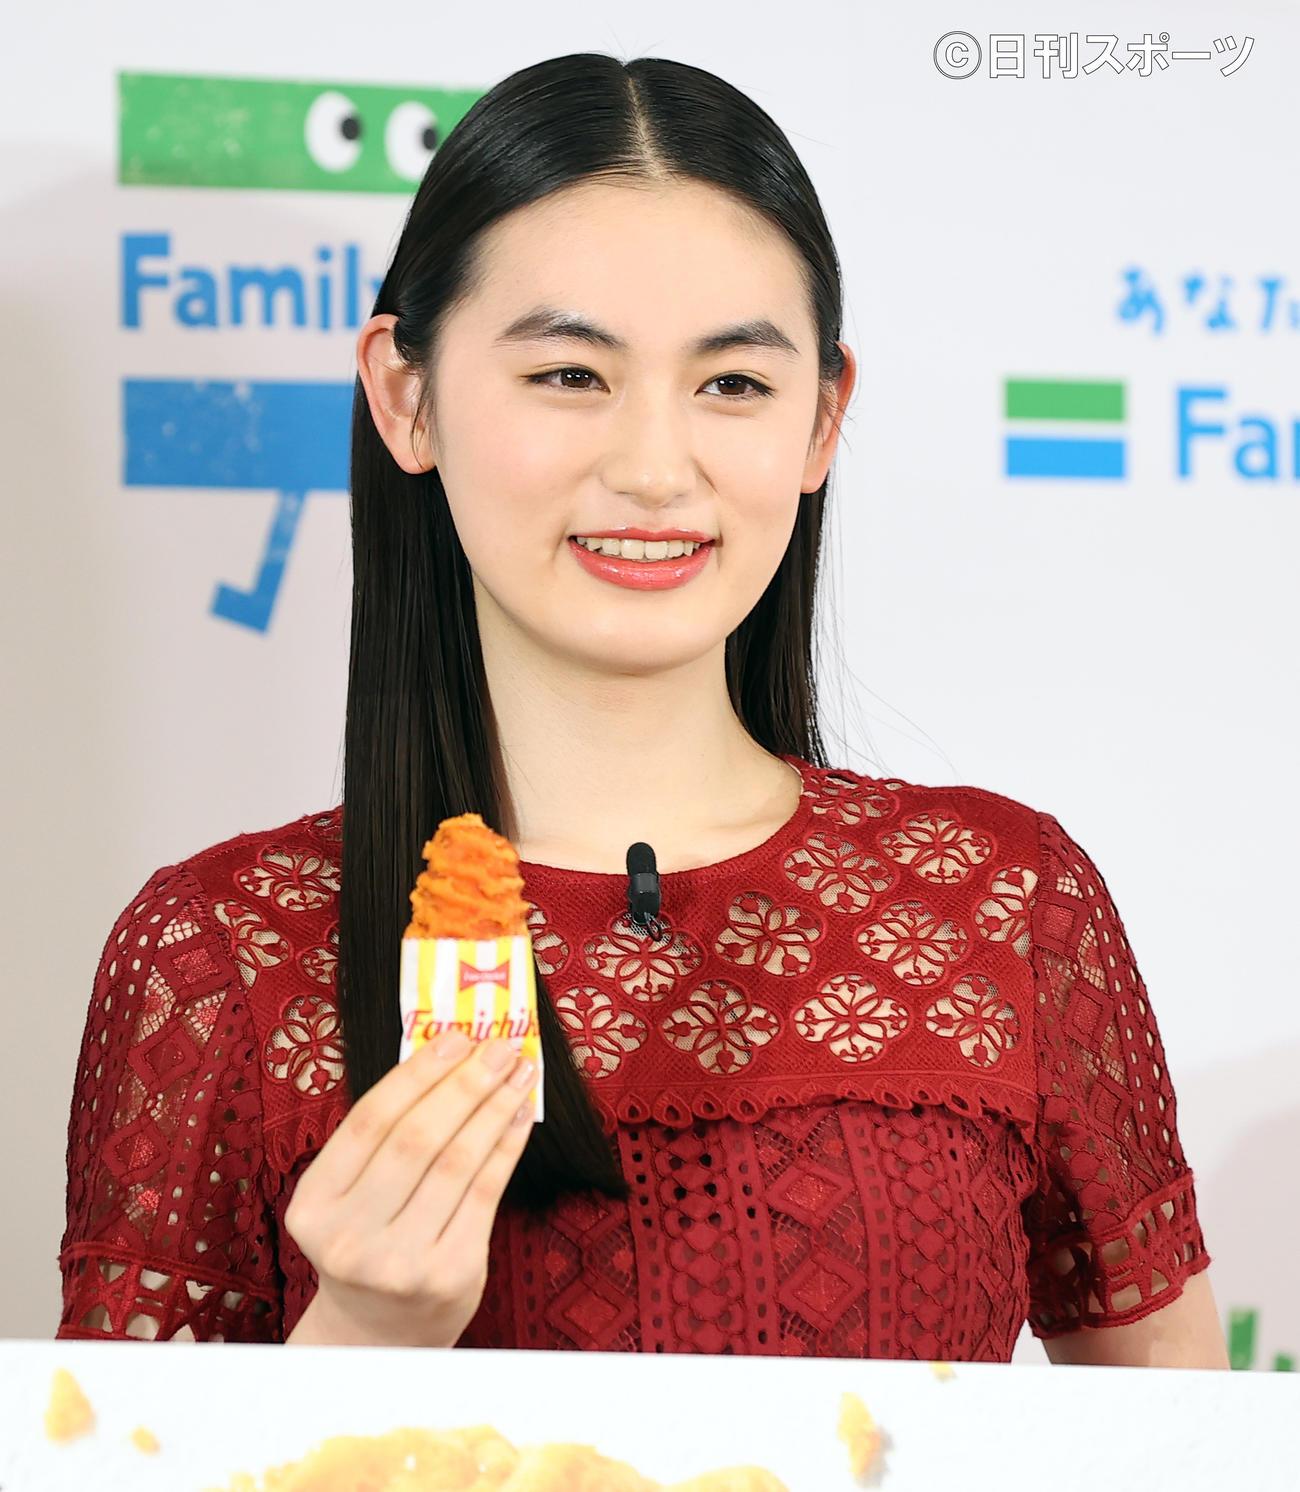 ファミリーマート創立40周年記念発表会で、新商品のクリスピーチキンを手に笑顔を見せる八木莉可子(撮影・浅見桂子)